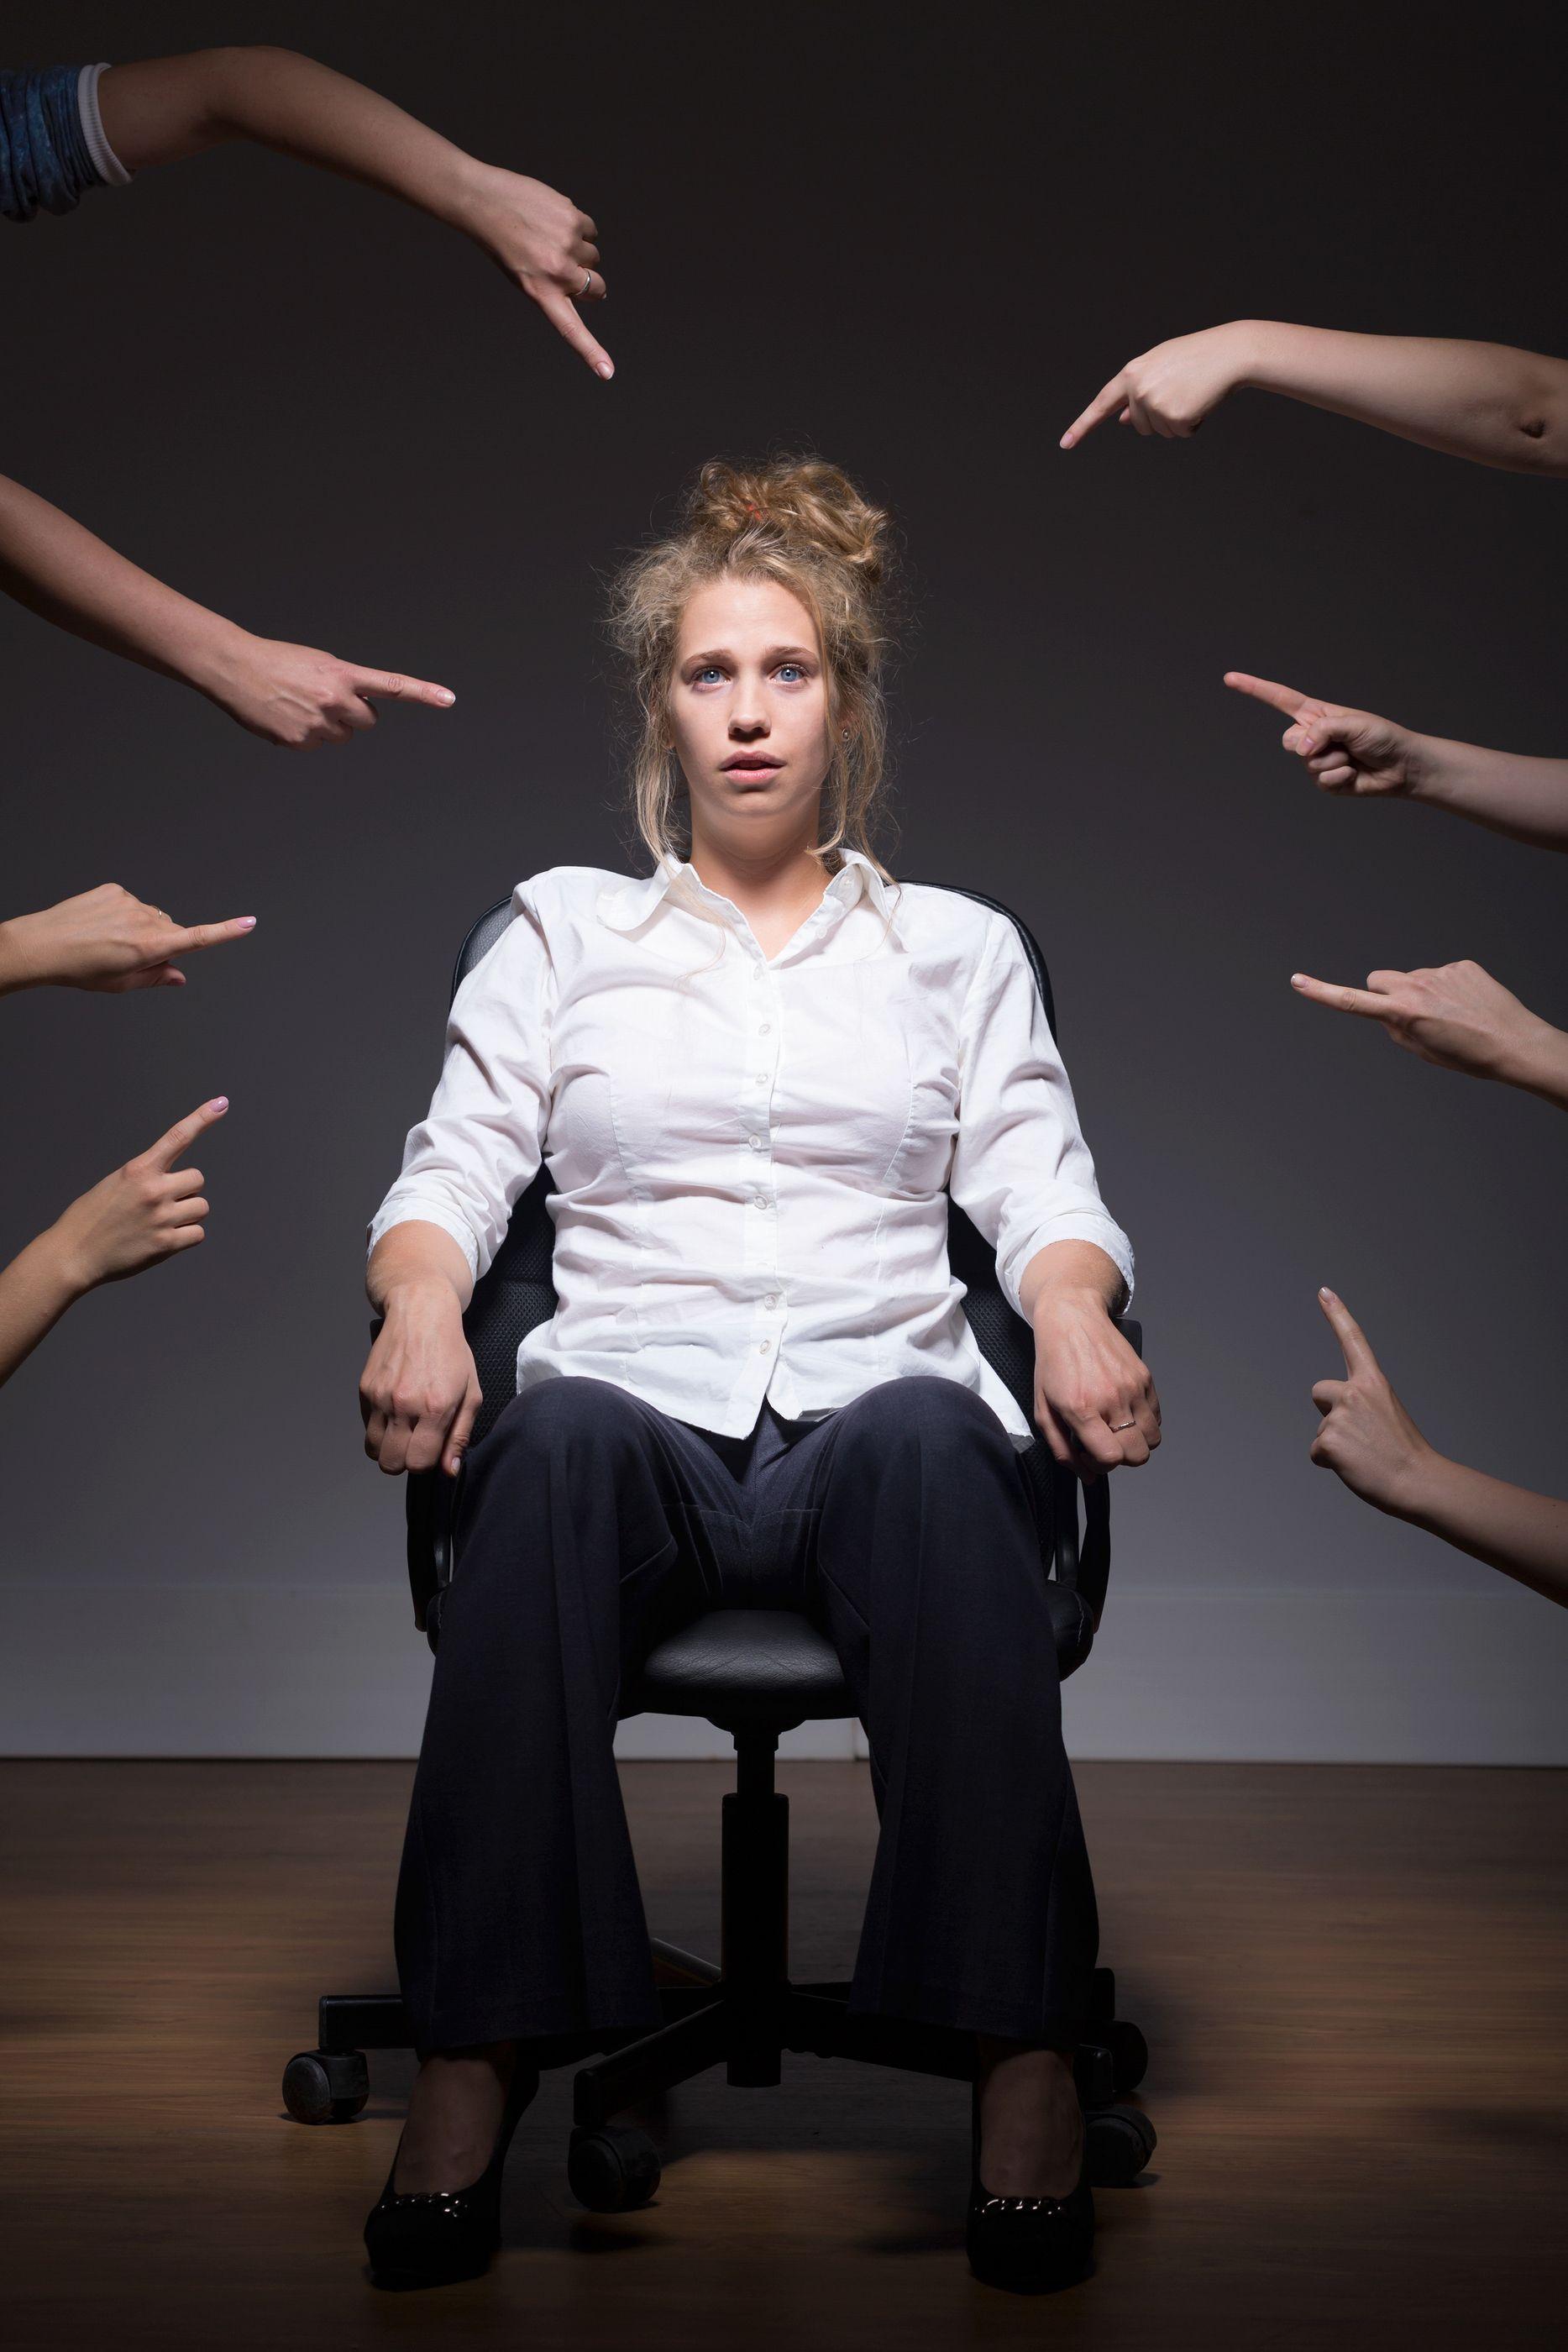 Phobia Treatments, Phobia Treatments